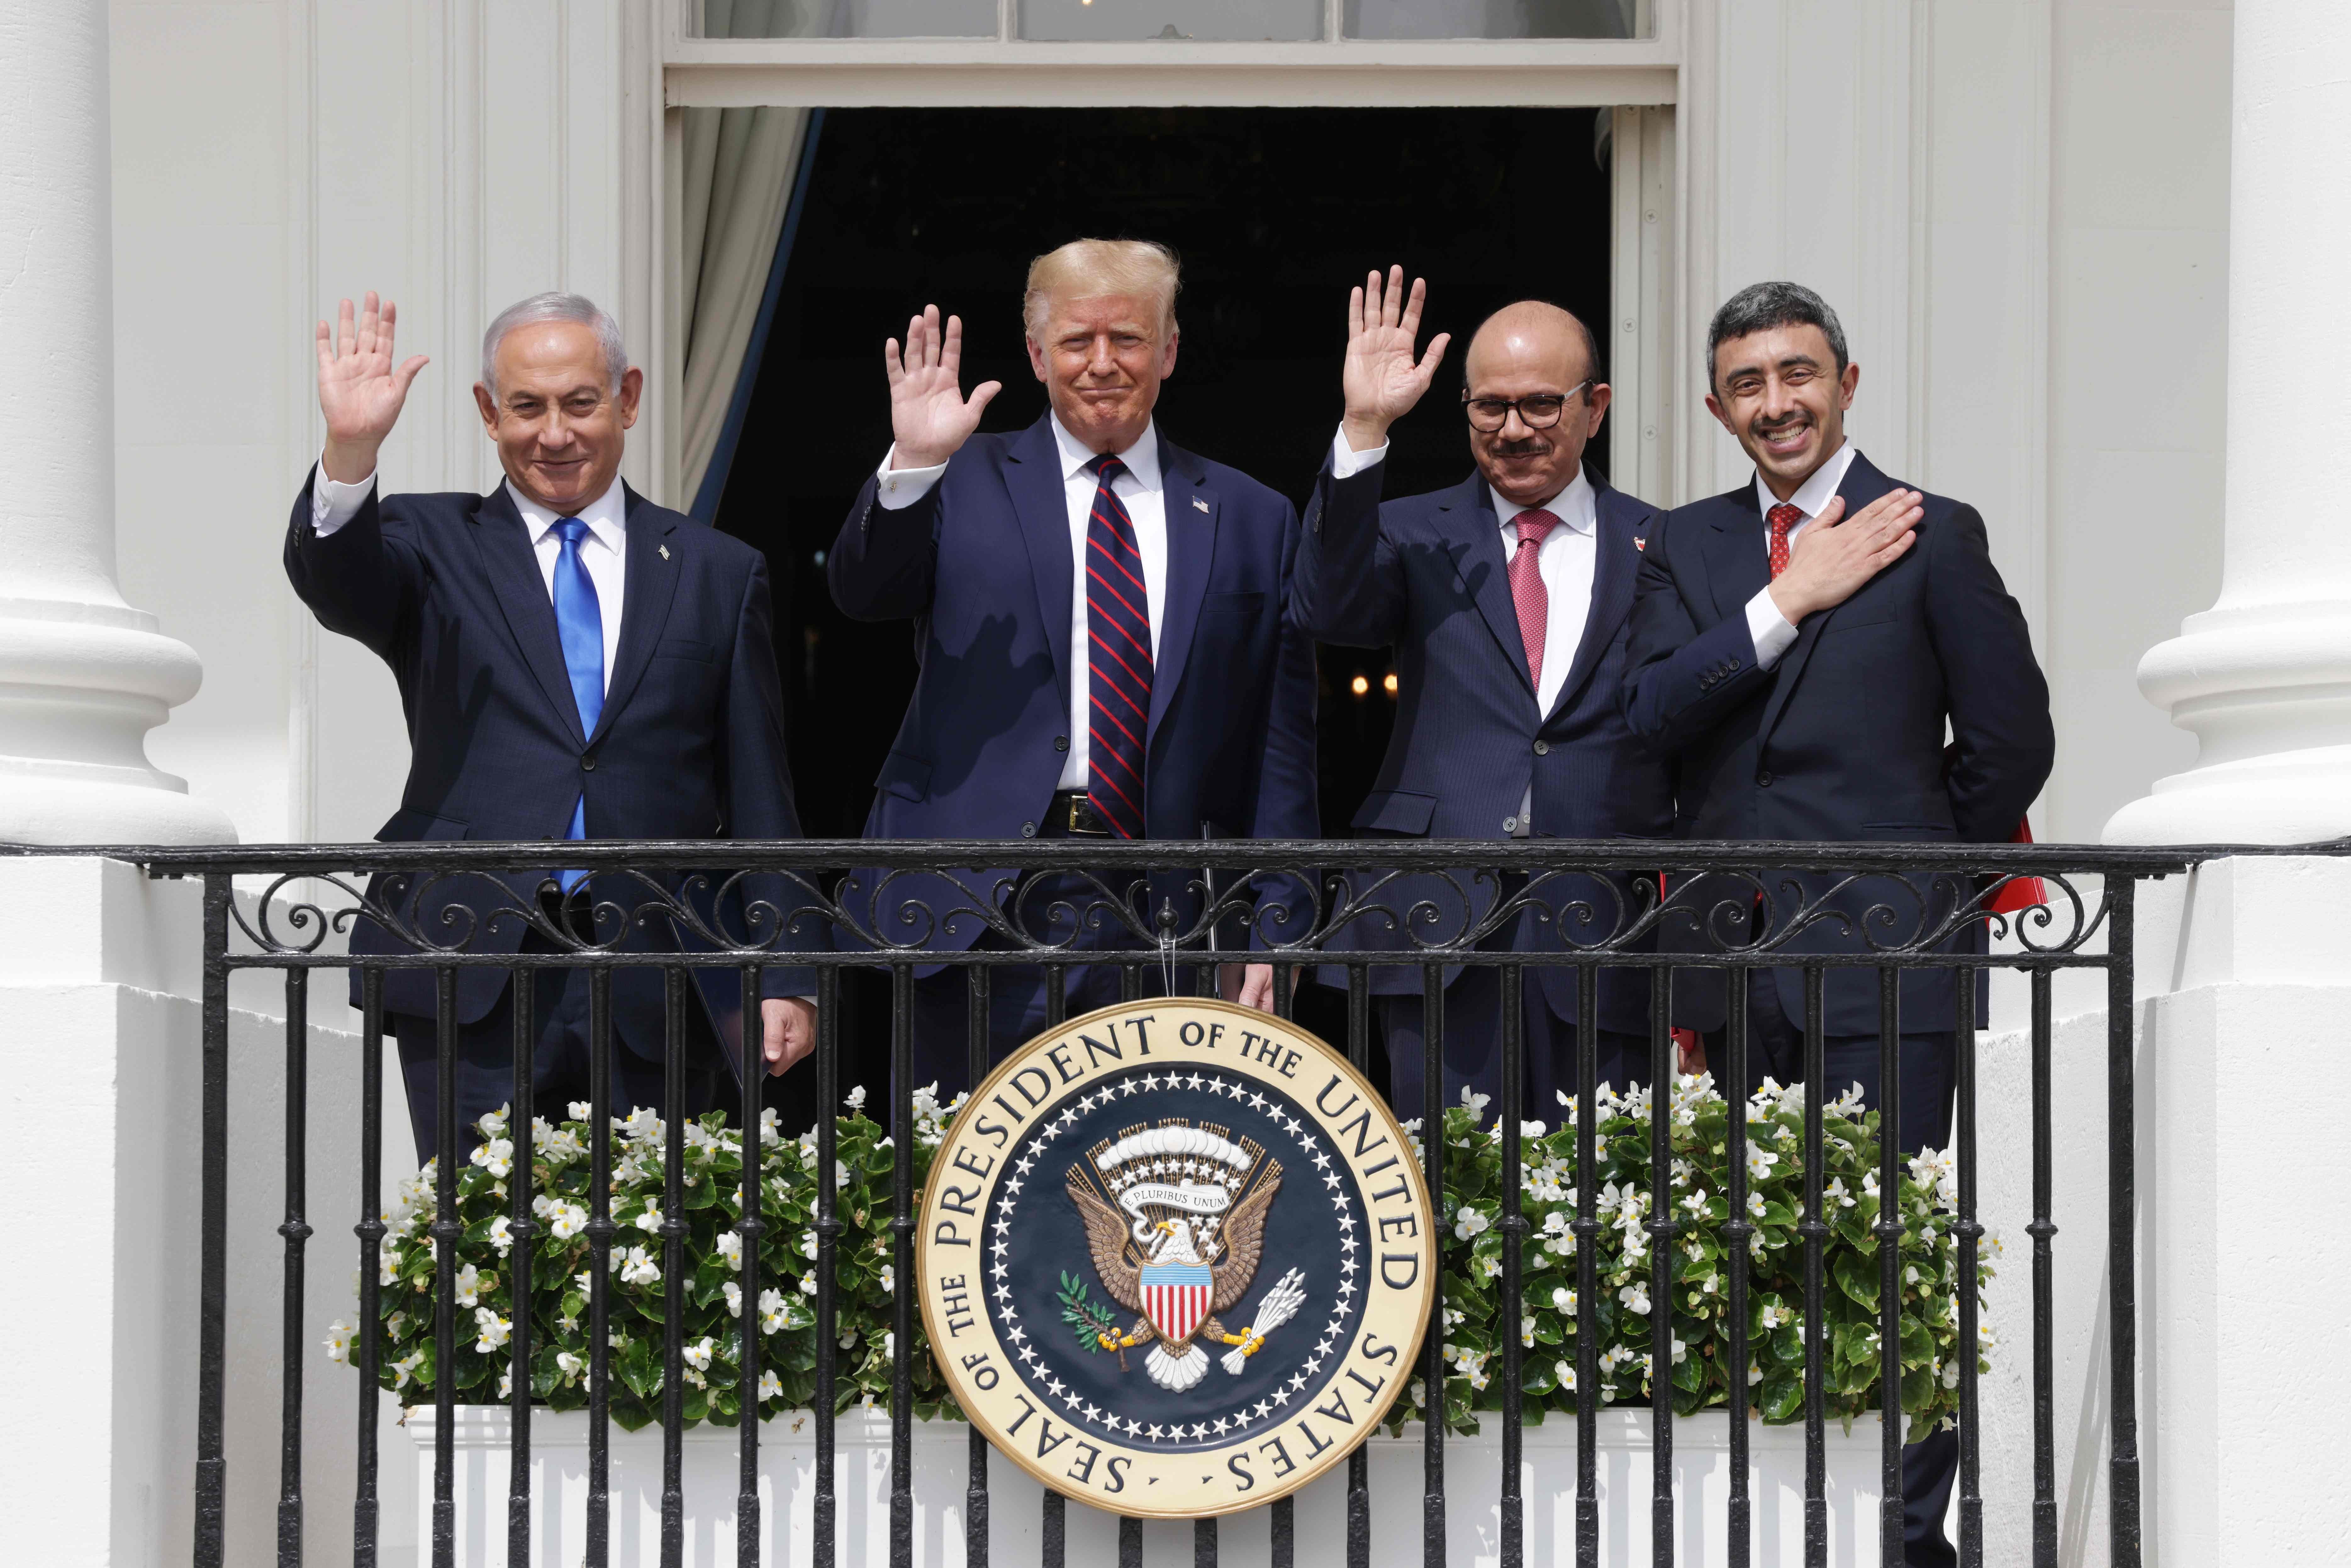 O israelense Benjamin Netanyahu, Trump, o chanceler do Bahrein Abdullatif bin Rashid Al Zayani e o chanceler dos Emirados Abdullah bin Zayed bin Sultan Al Nahyan na assinatura do acordo de normalização de relações